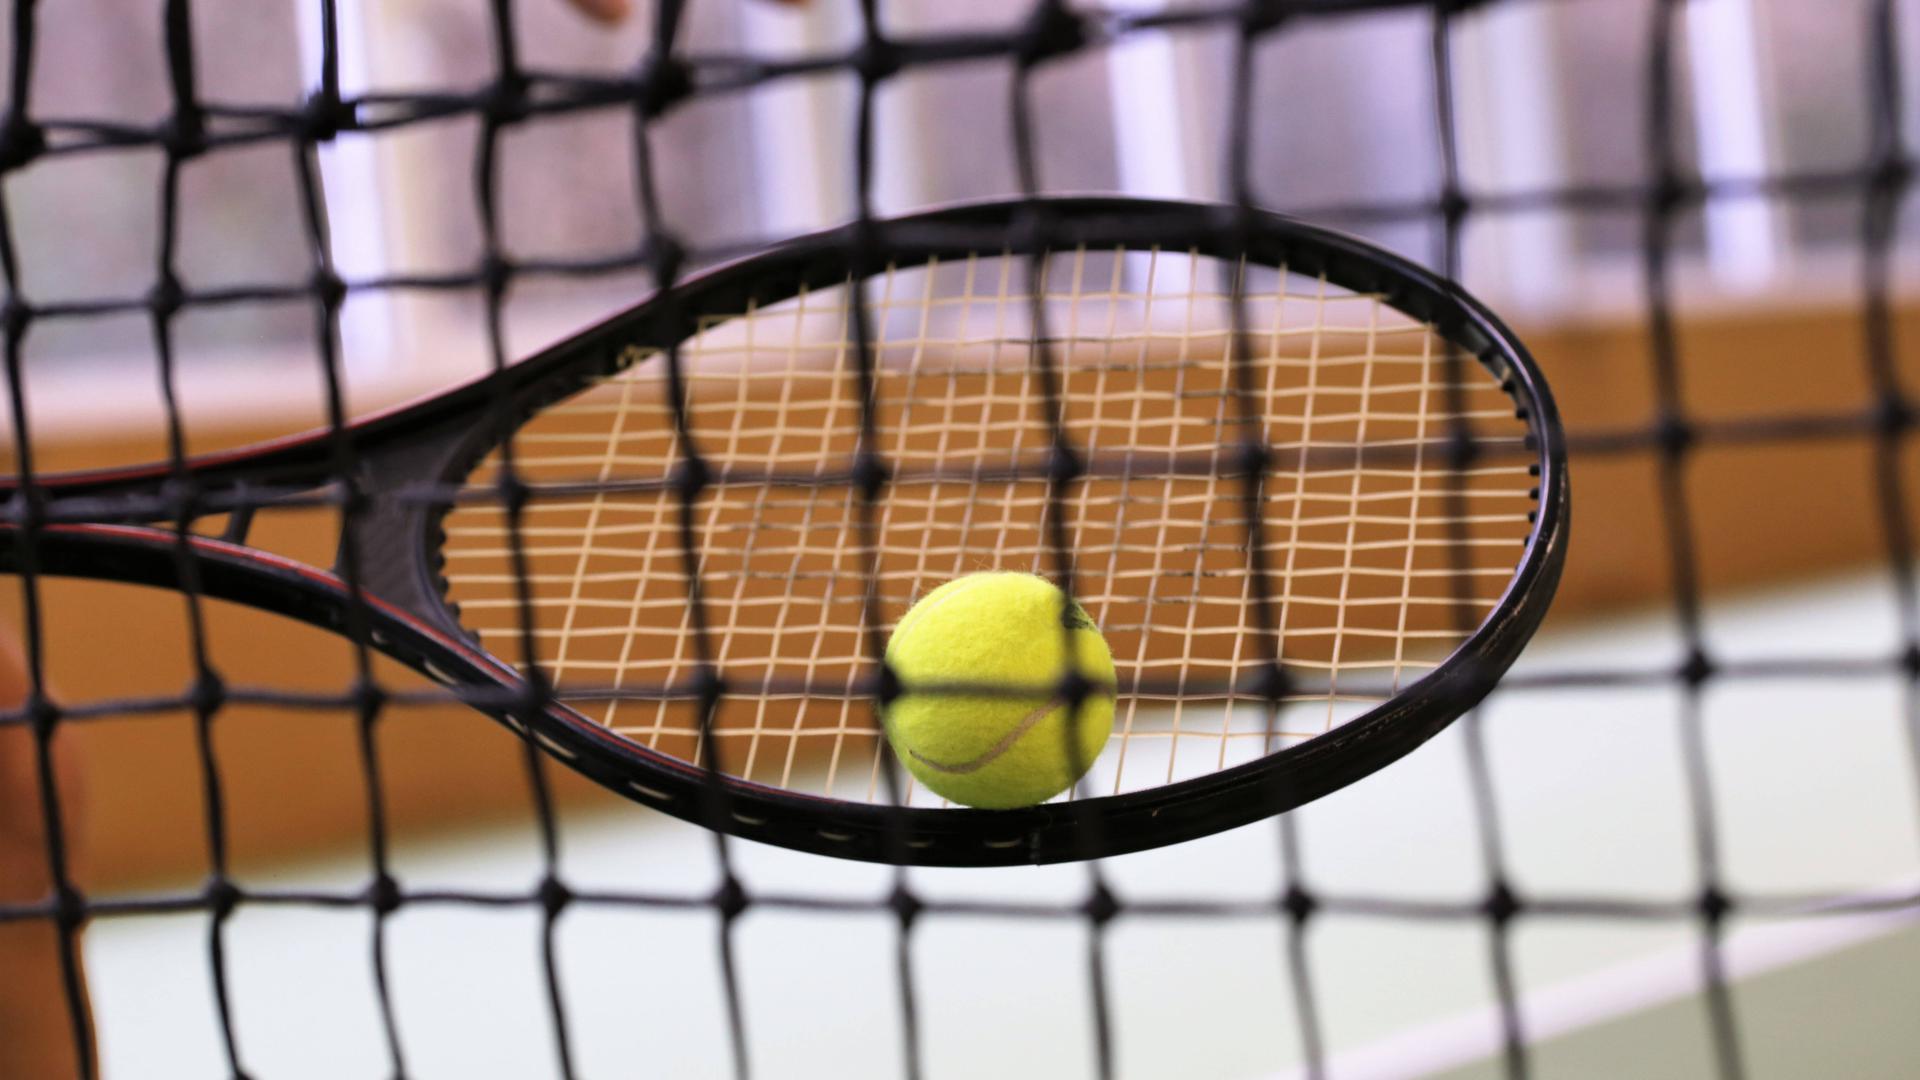 Symbolbild: Nahaufnahme von einem Tennisschläger mit Ball in einer Tennishalle *** Symbol image close-up of a tennis racket with ball in a tennis hall